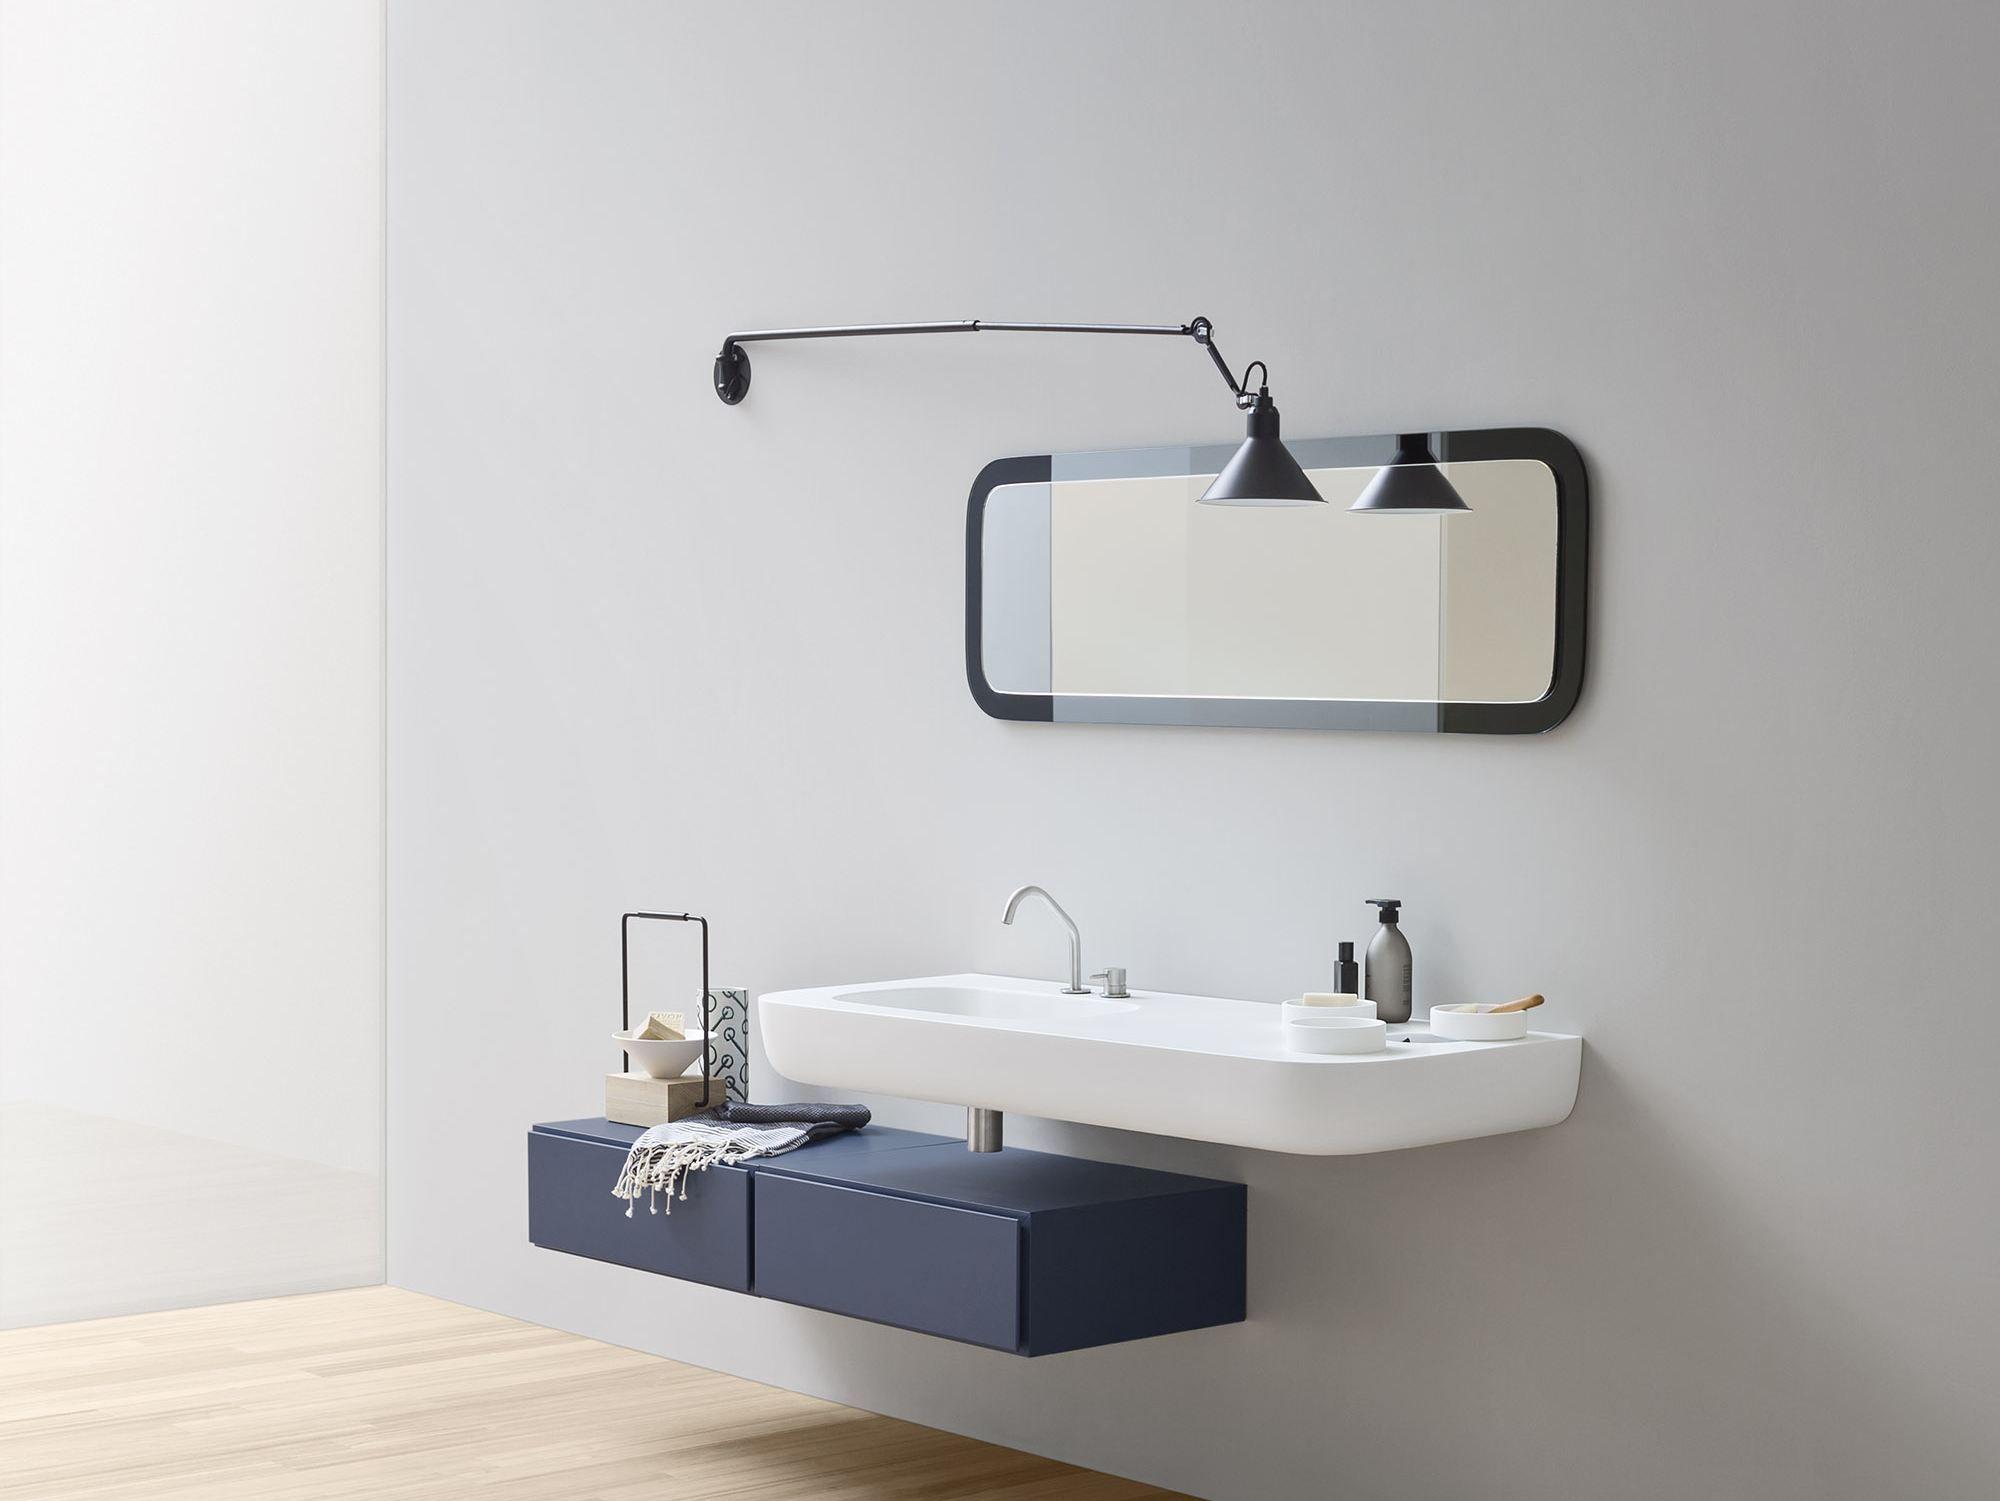 Waschbecken corian m bel design idee f r sie - Badezimmer corian ...